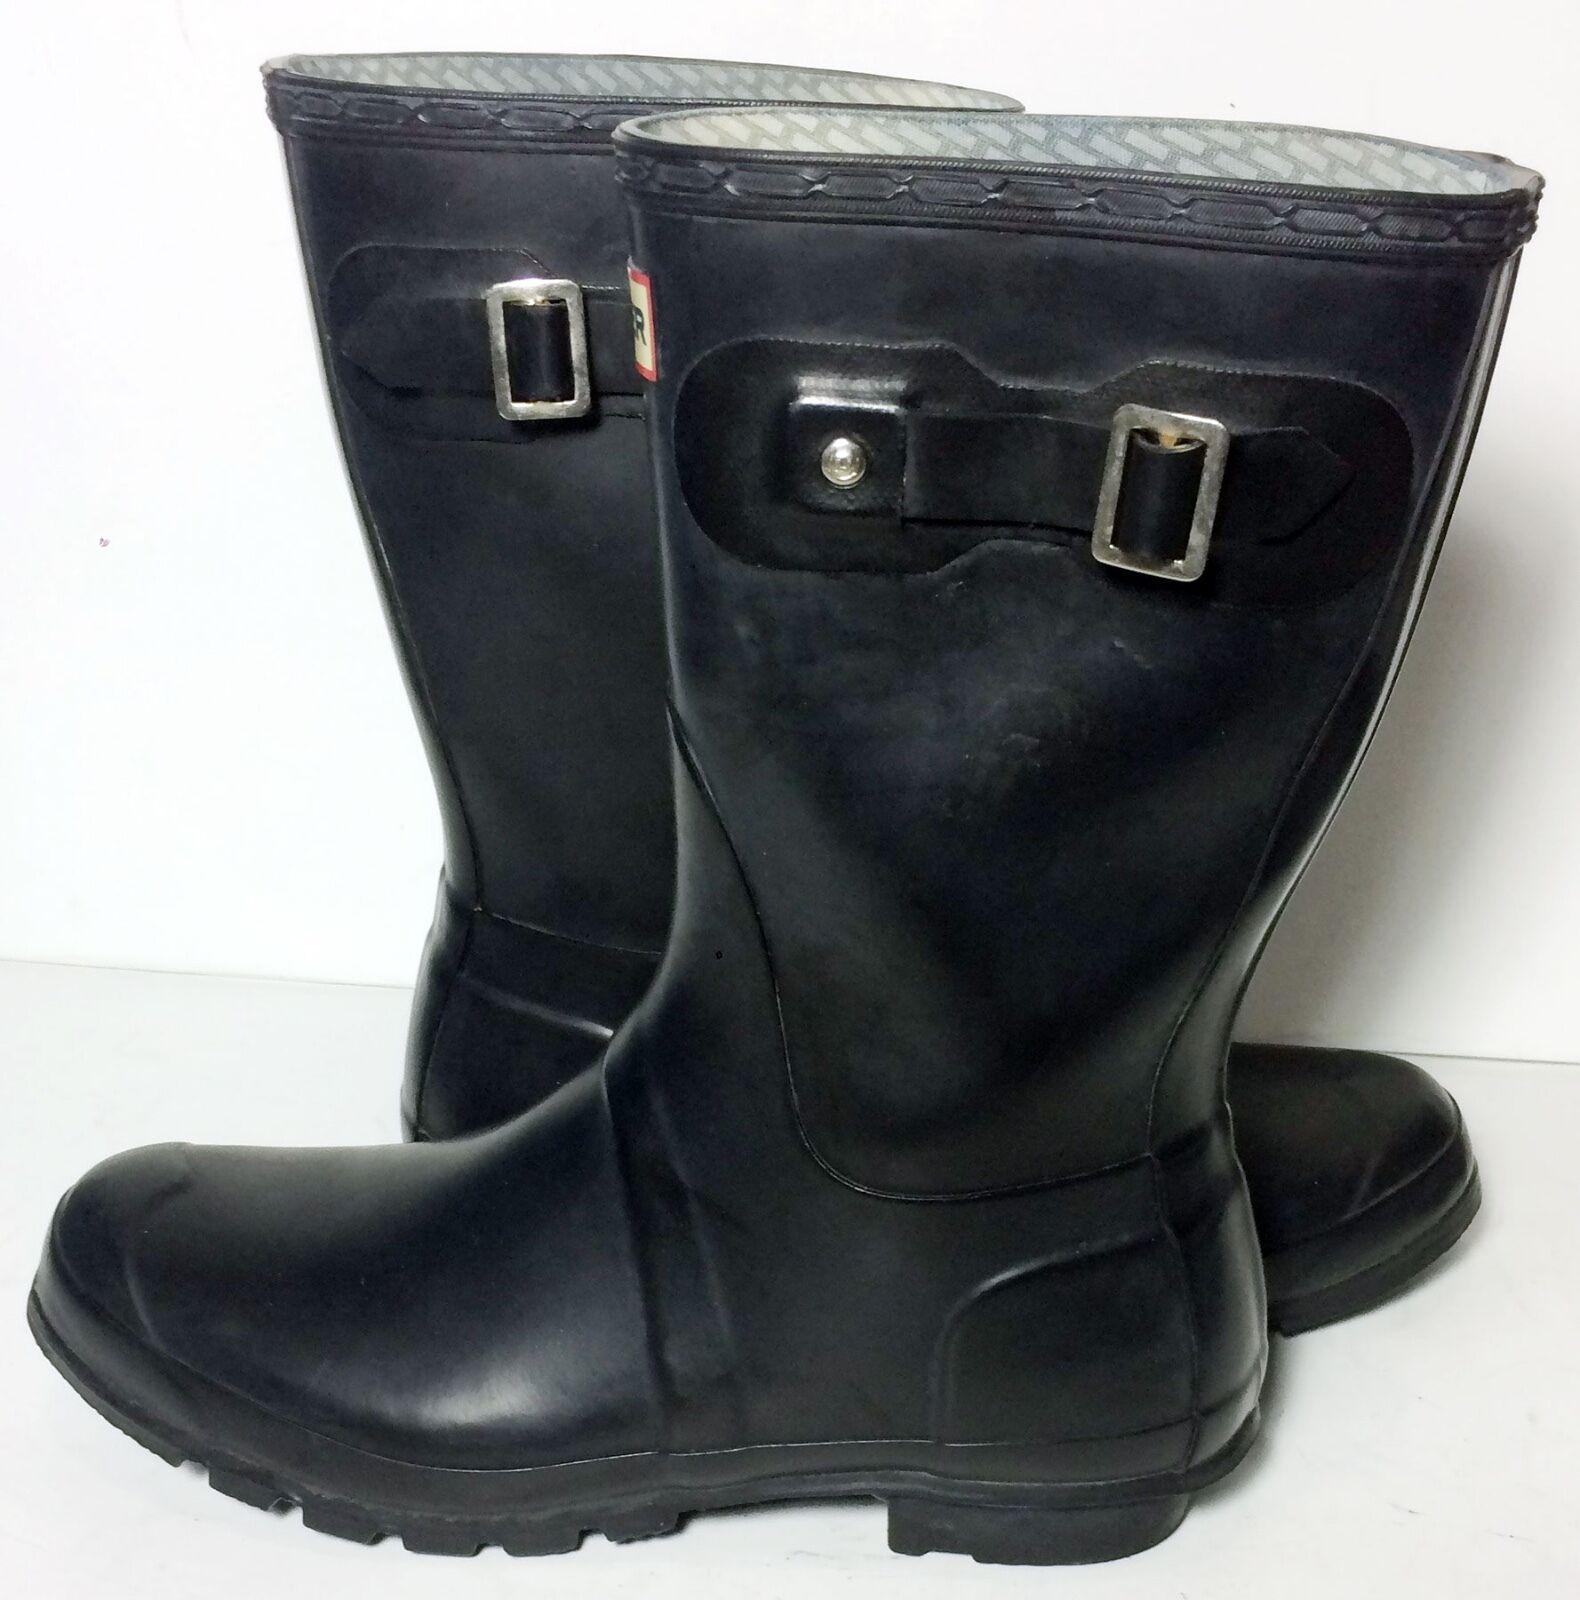 HUNTER Original Short Gloss Black Rubber Rain Boots Women's Size 10